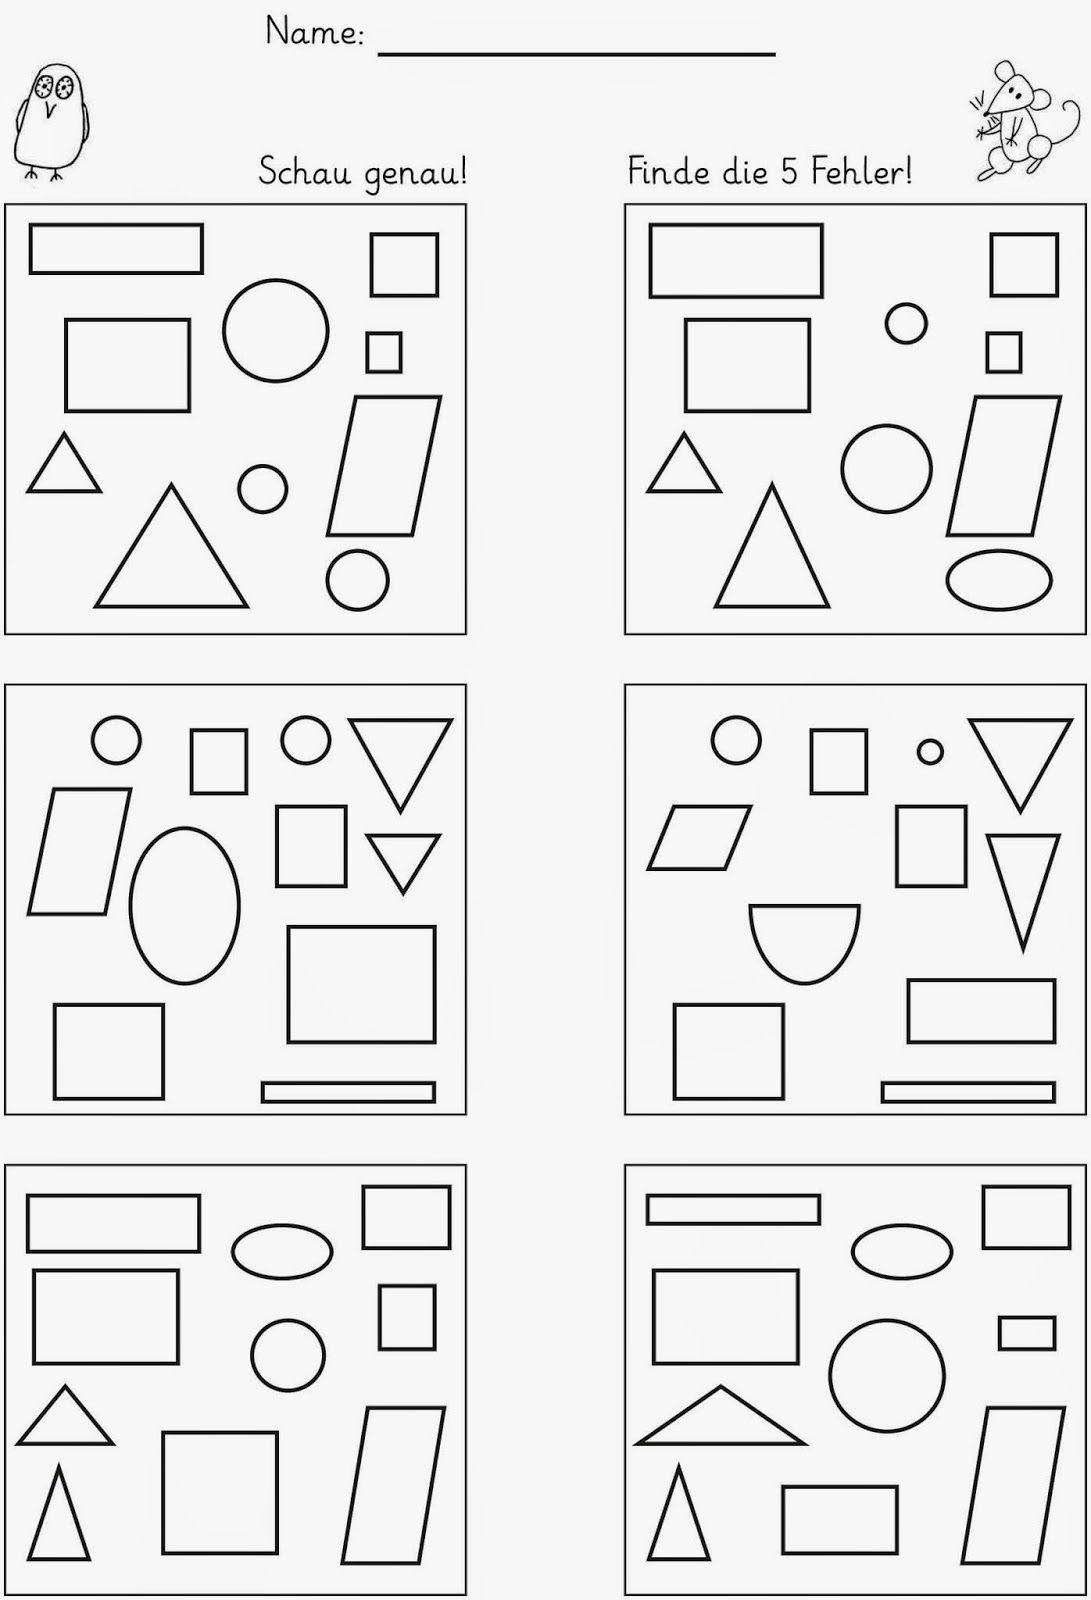 Ausdrucken kostenlos unterschiede suchen Fehlerbilder Für